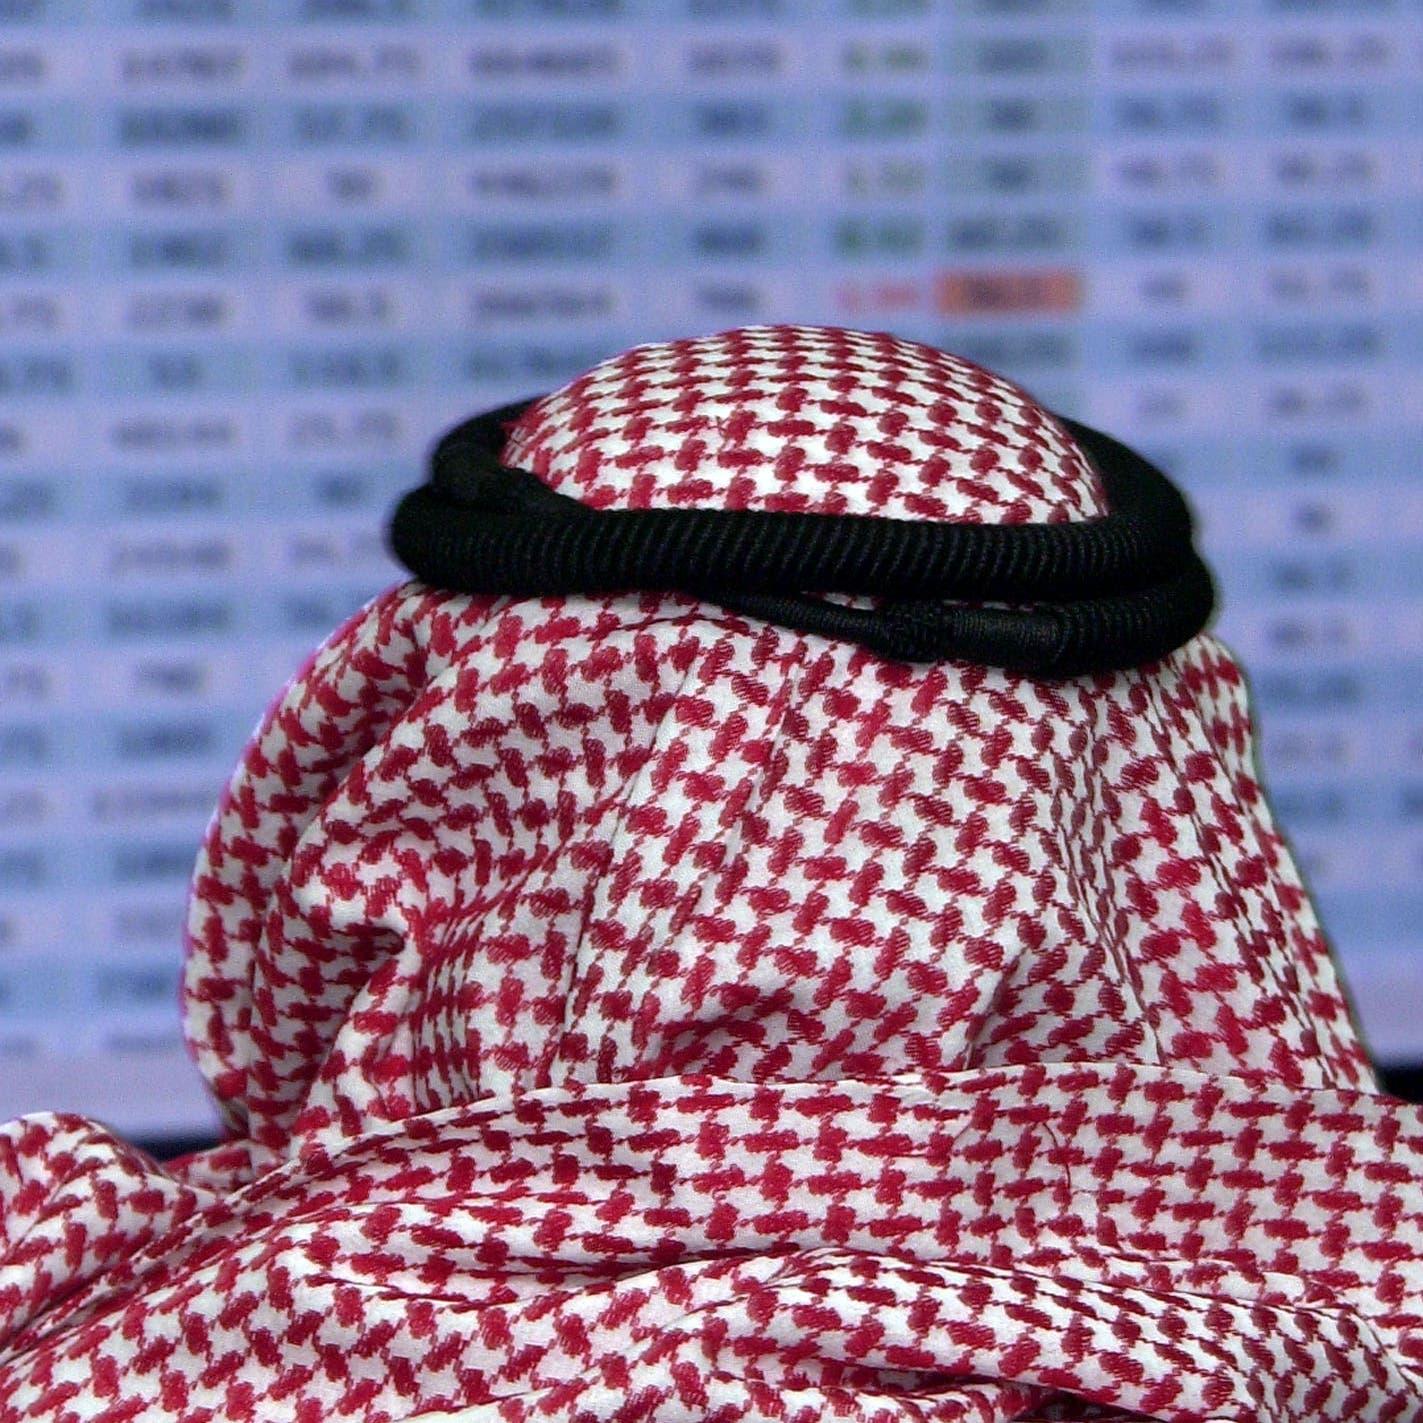 تداول: شركتان خليجيتان في طريق الطرح المزدوج بسوق السعودية